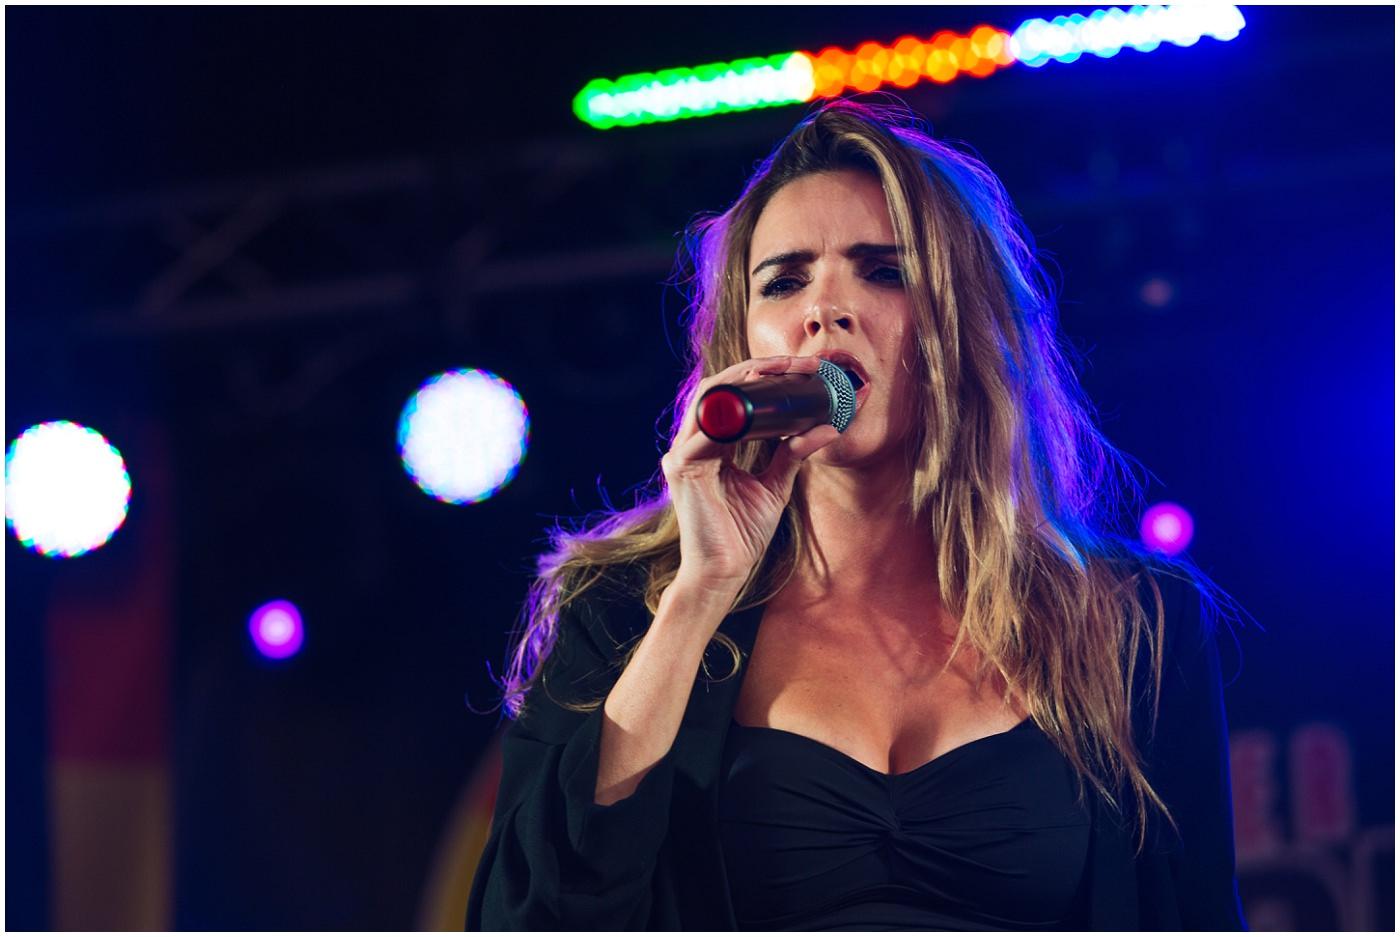 Nadine Coyle Headlines Chester Pride